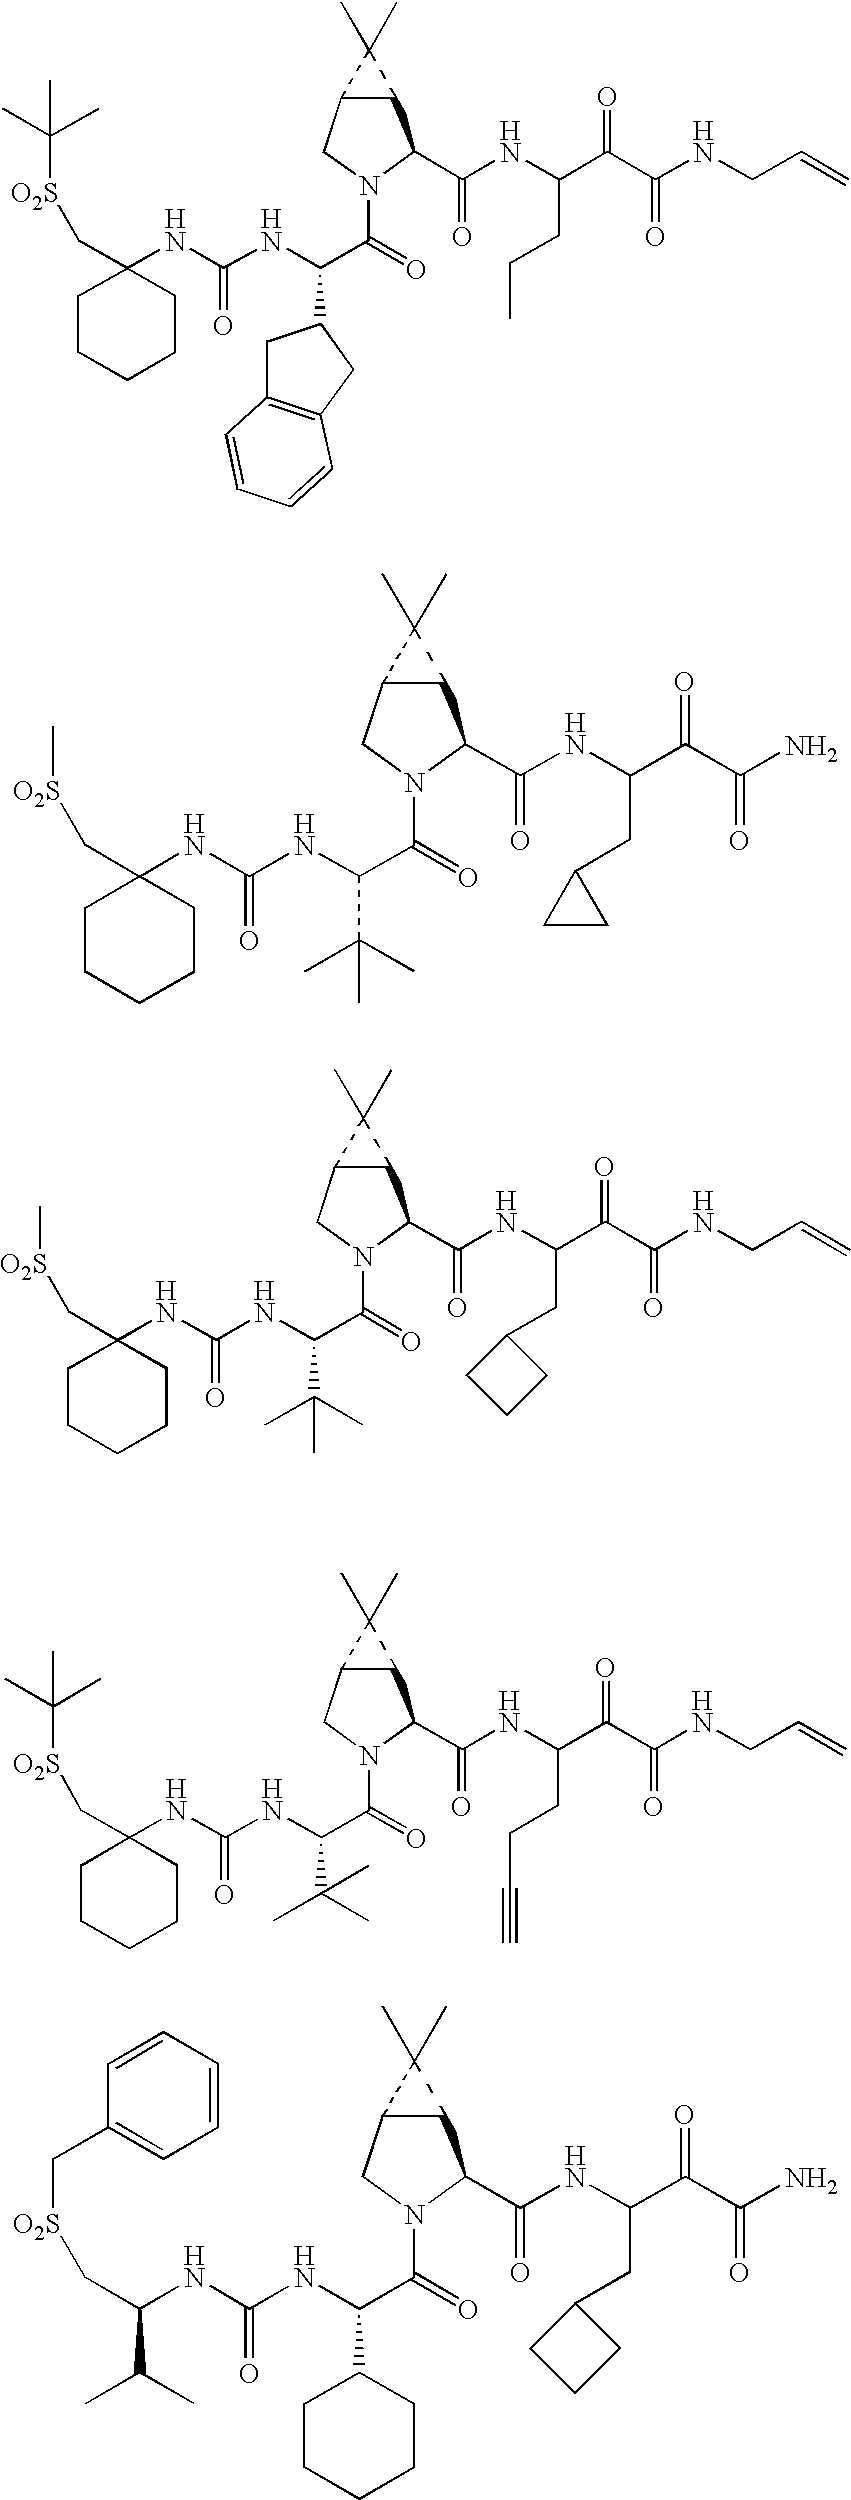 Figure US20060287248A1-20061221-C00445